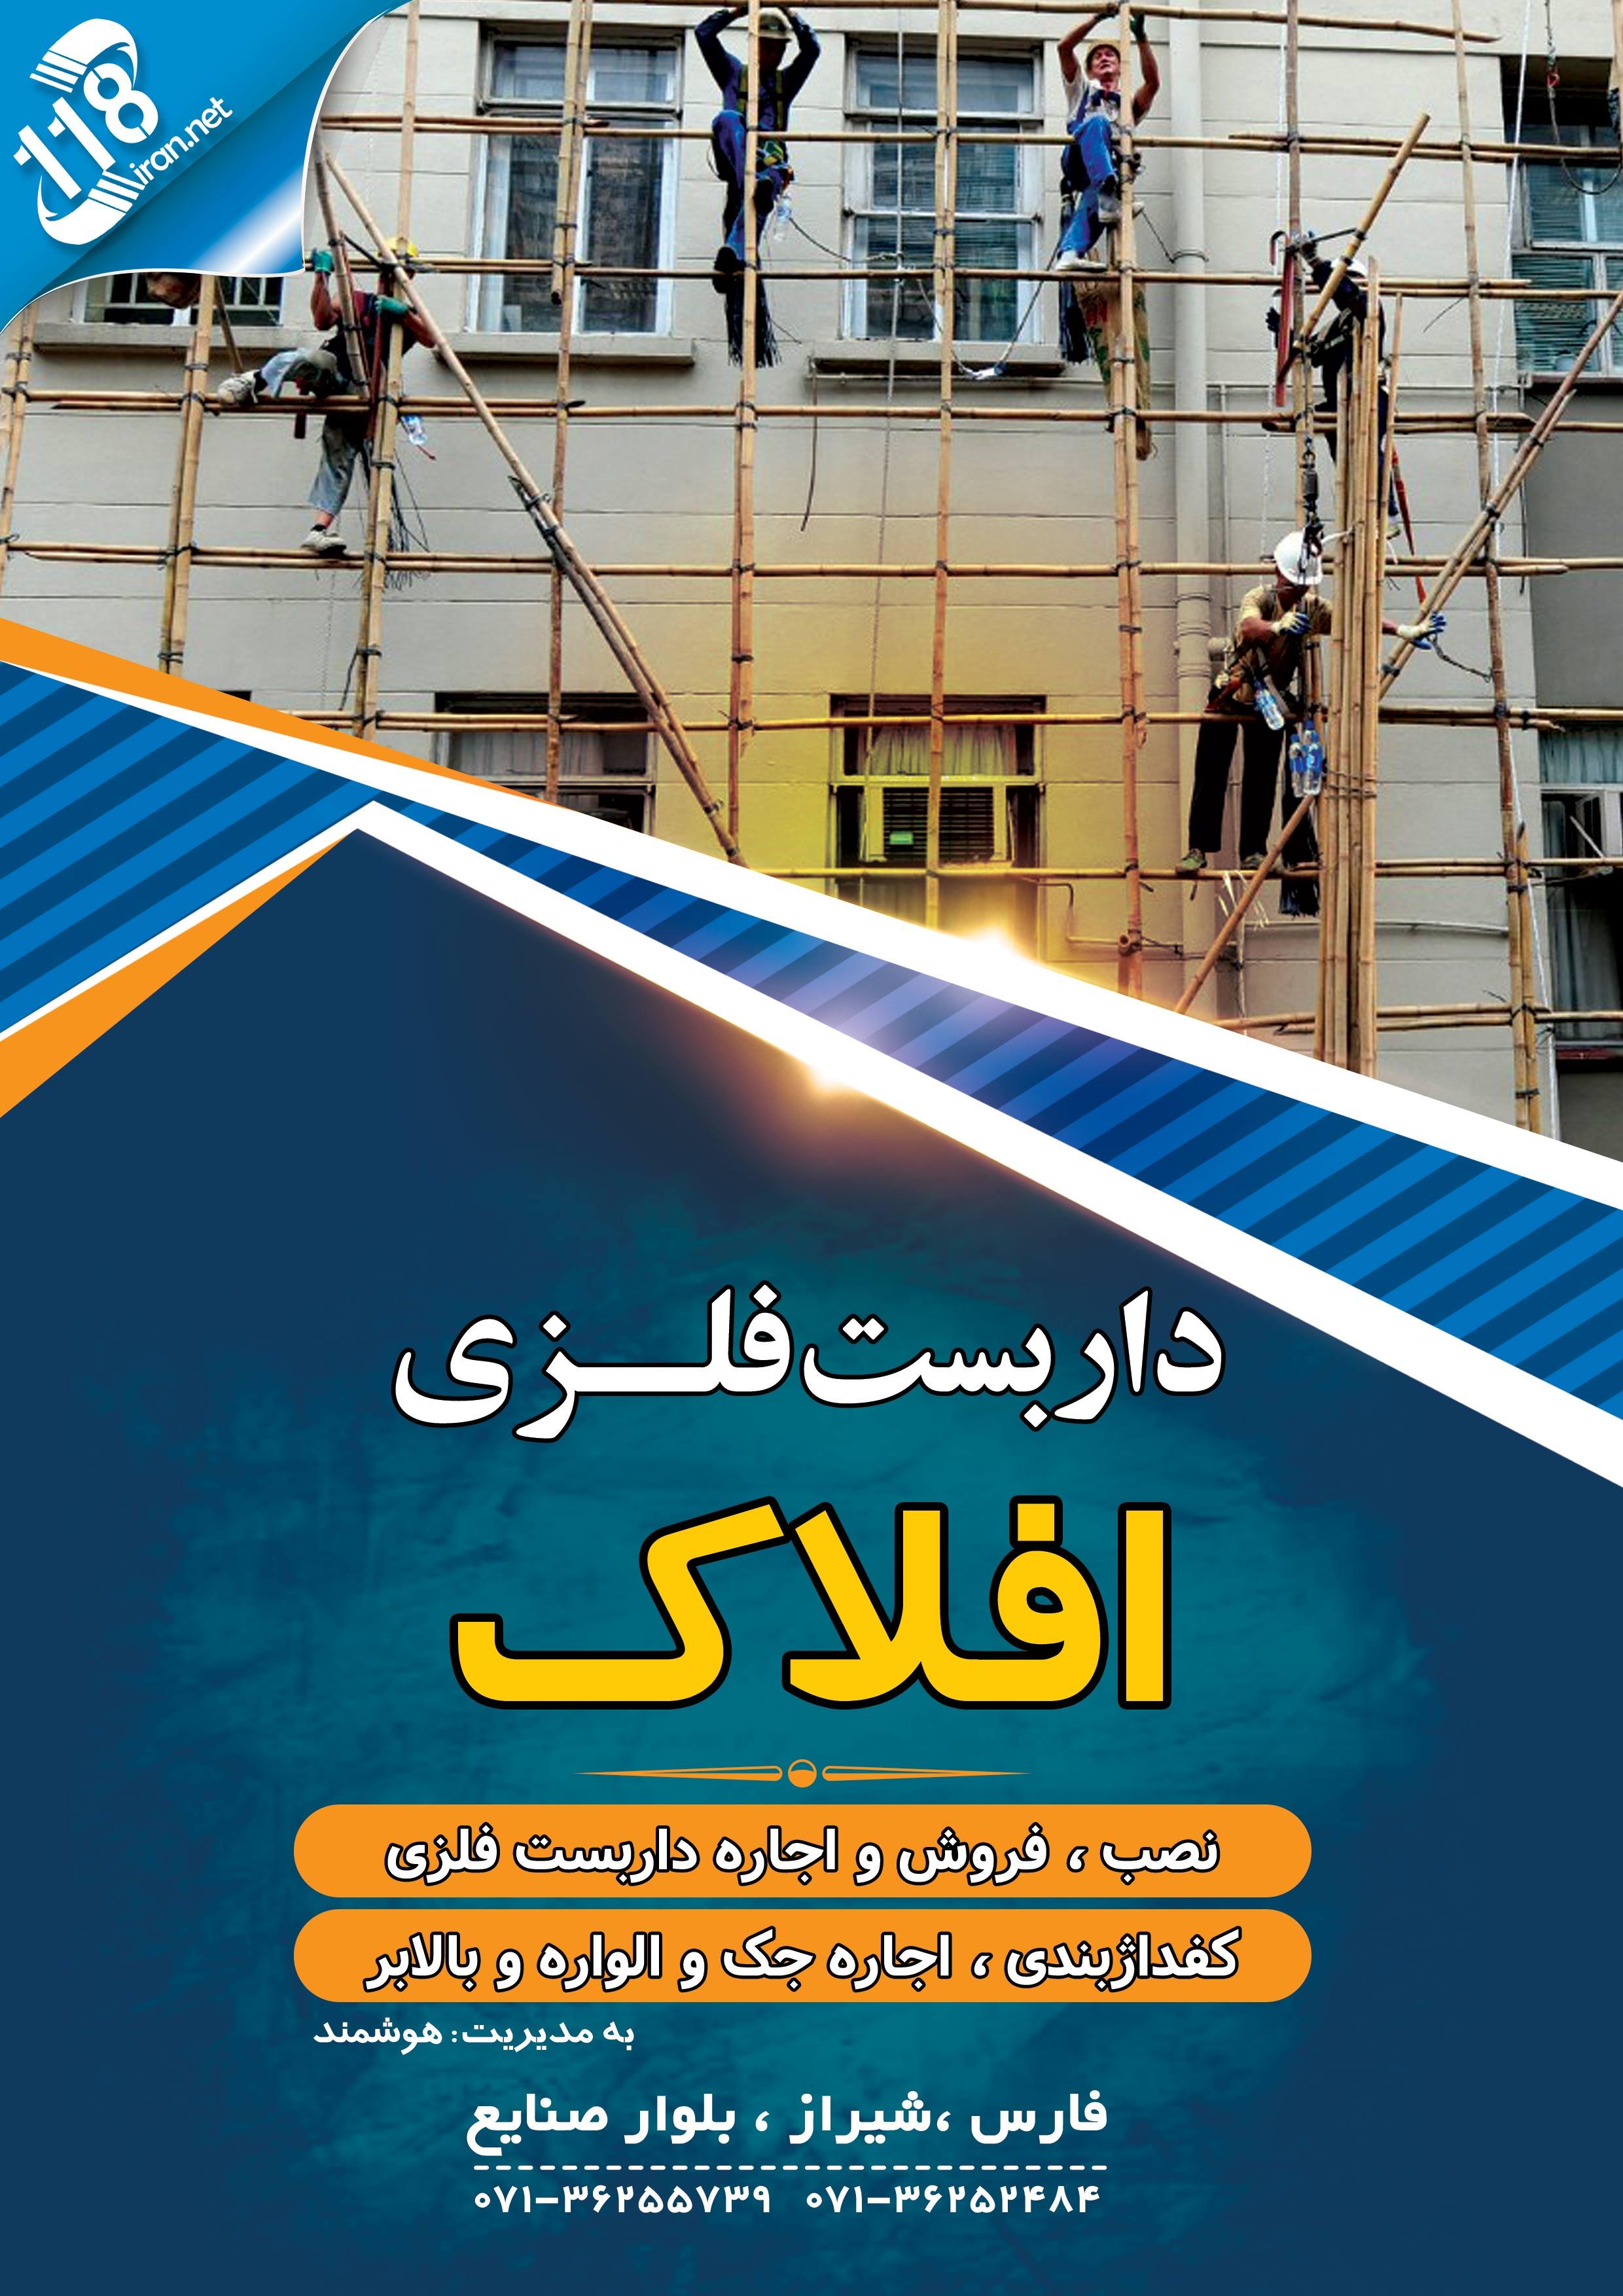 فروش و اجاره داربست فلزی در شیراز